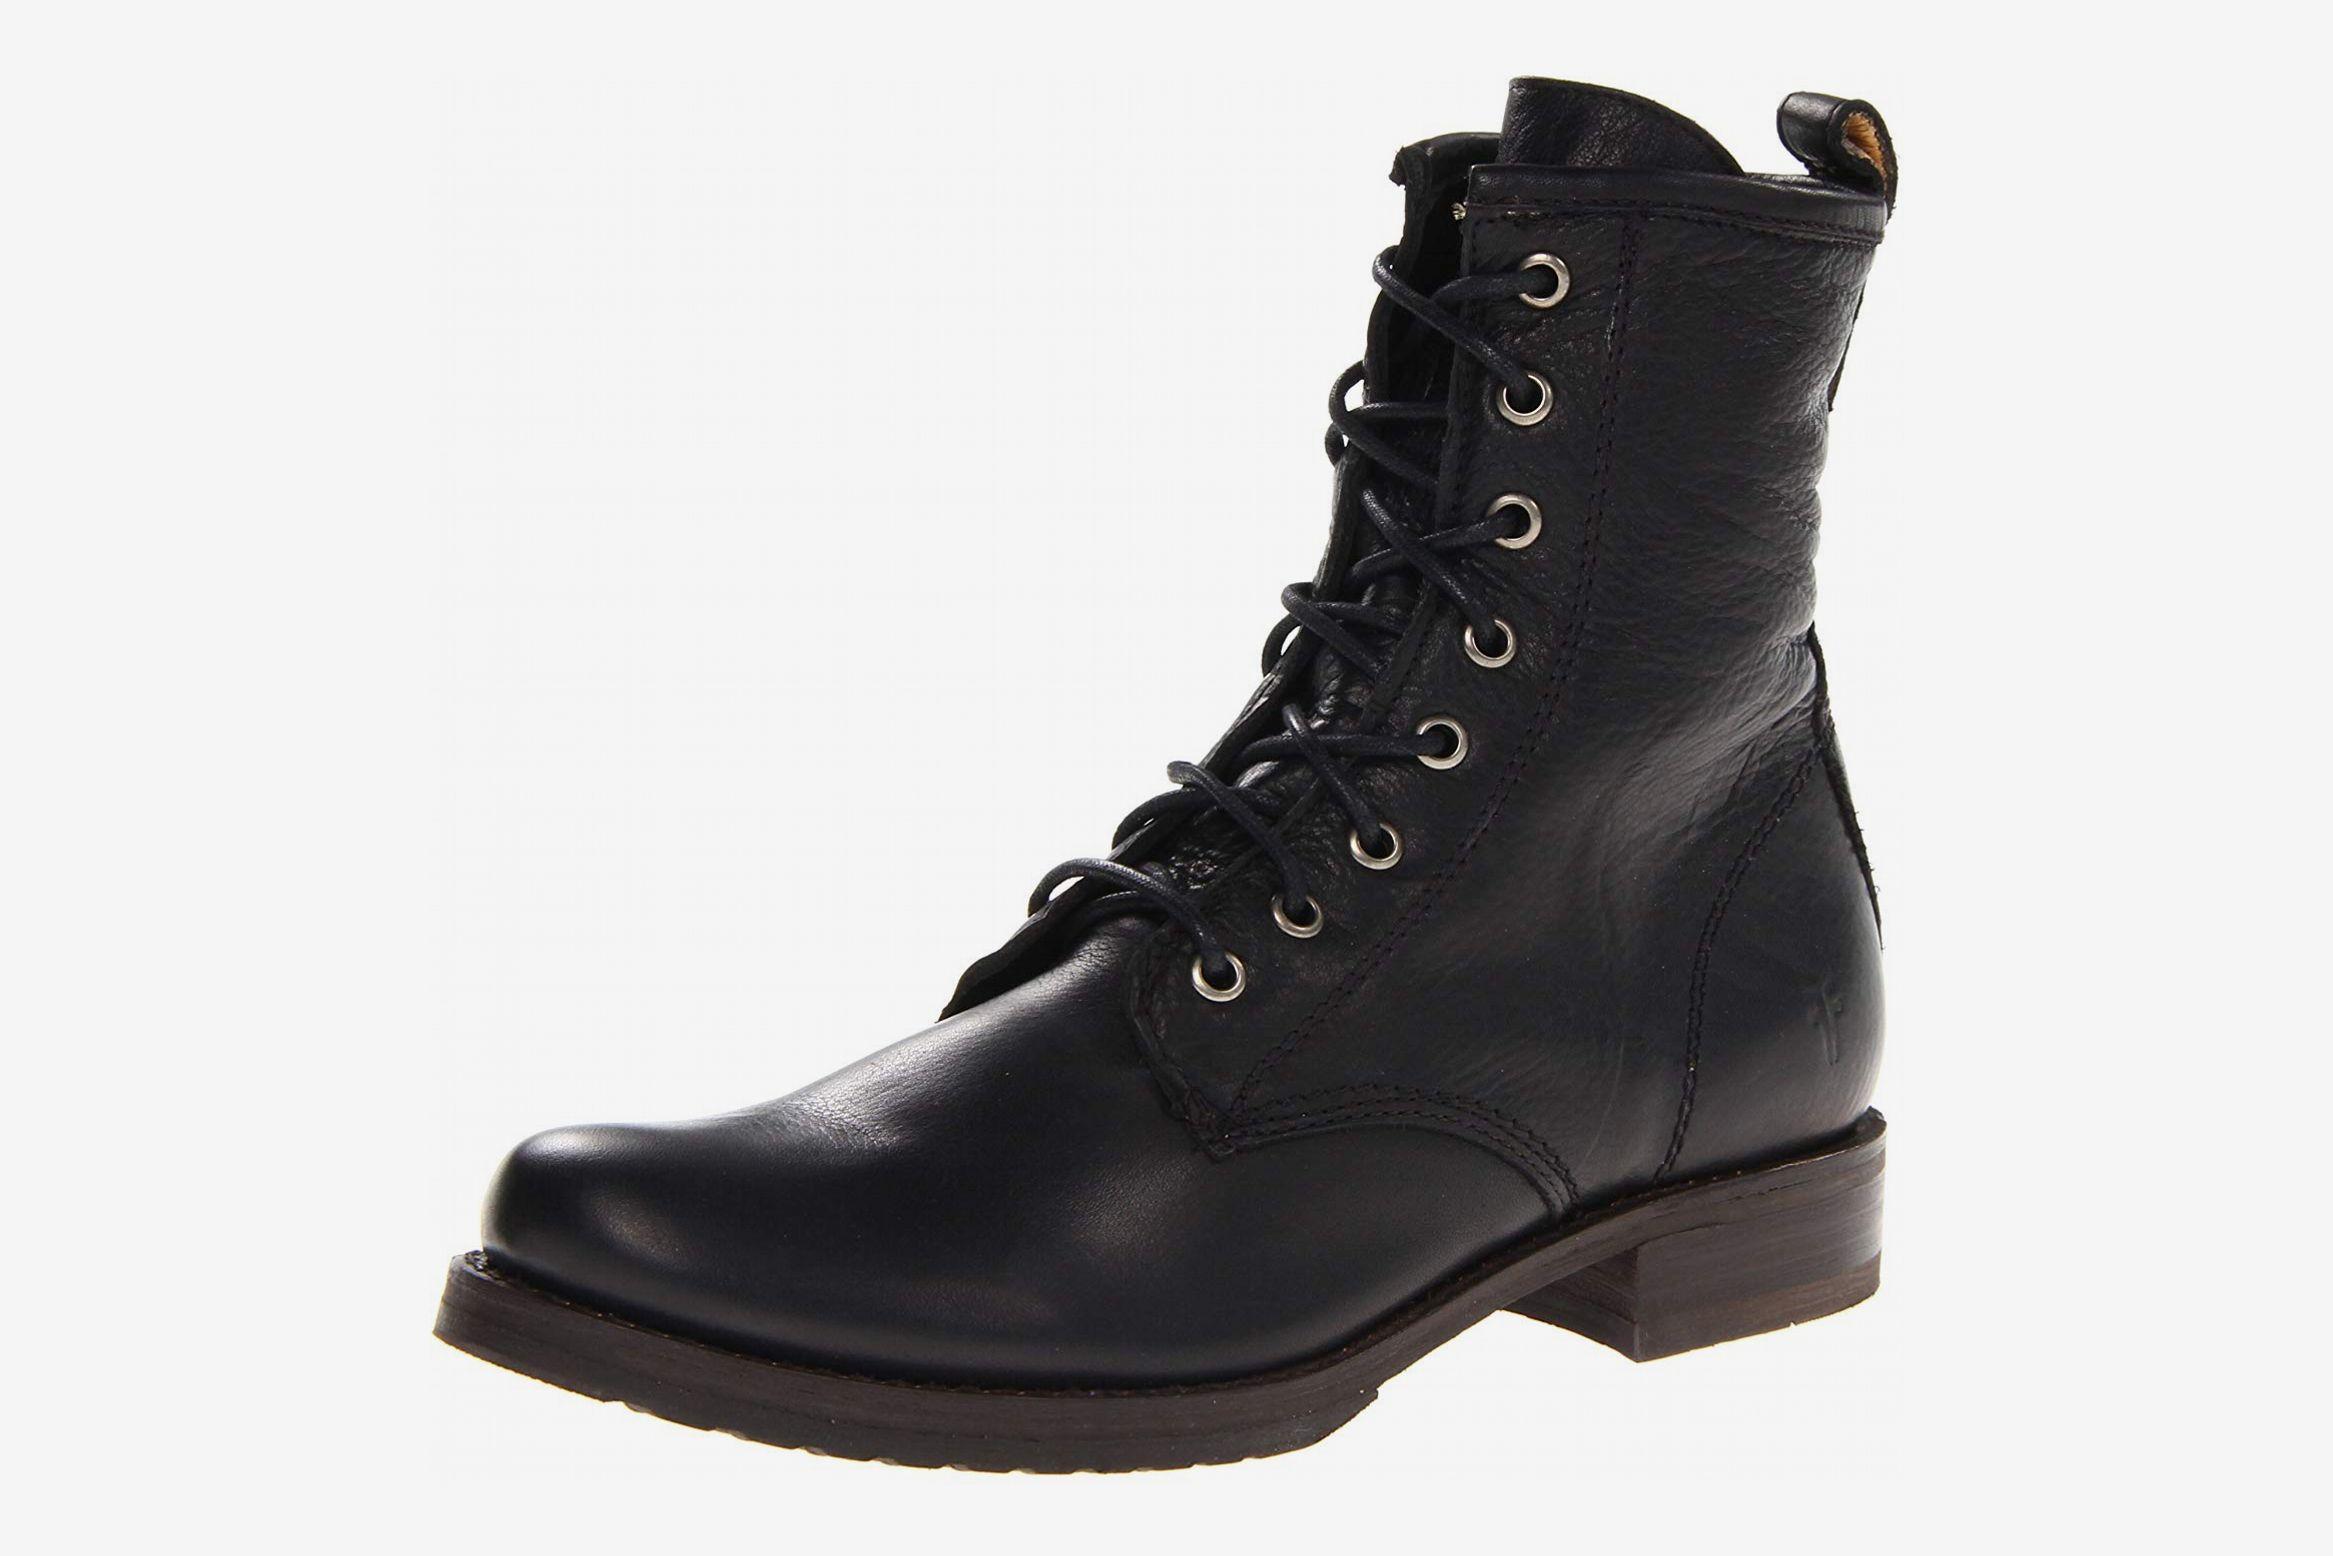 Frye Women's Veronica Combat Boots